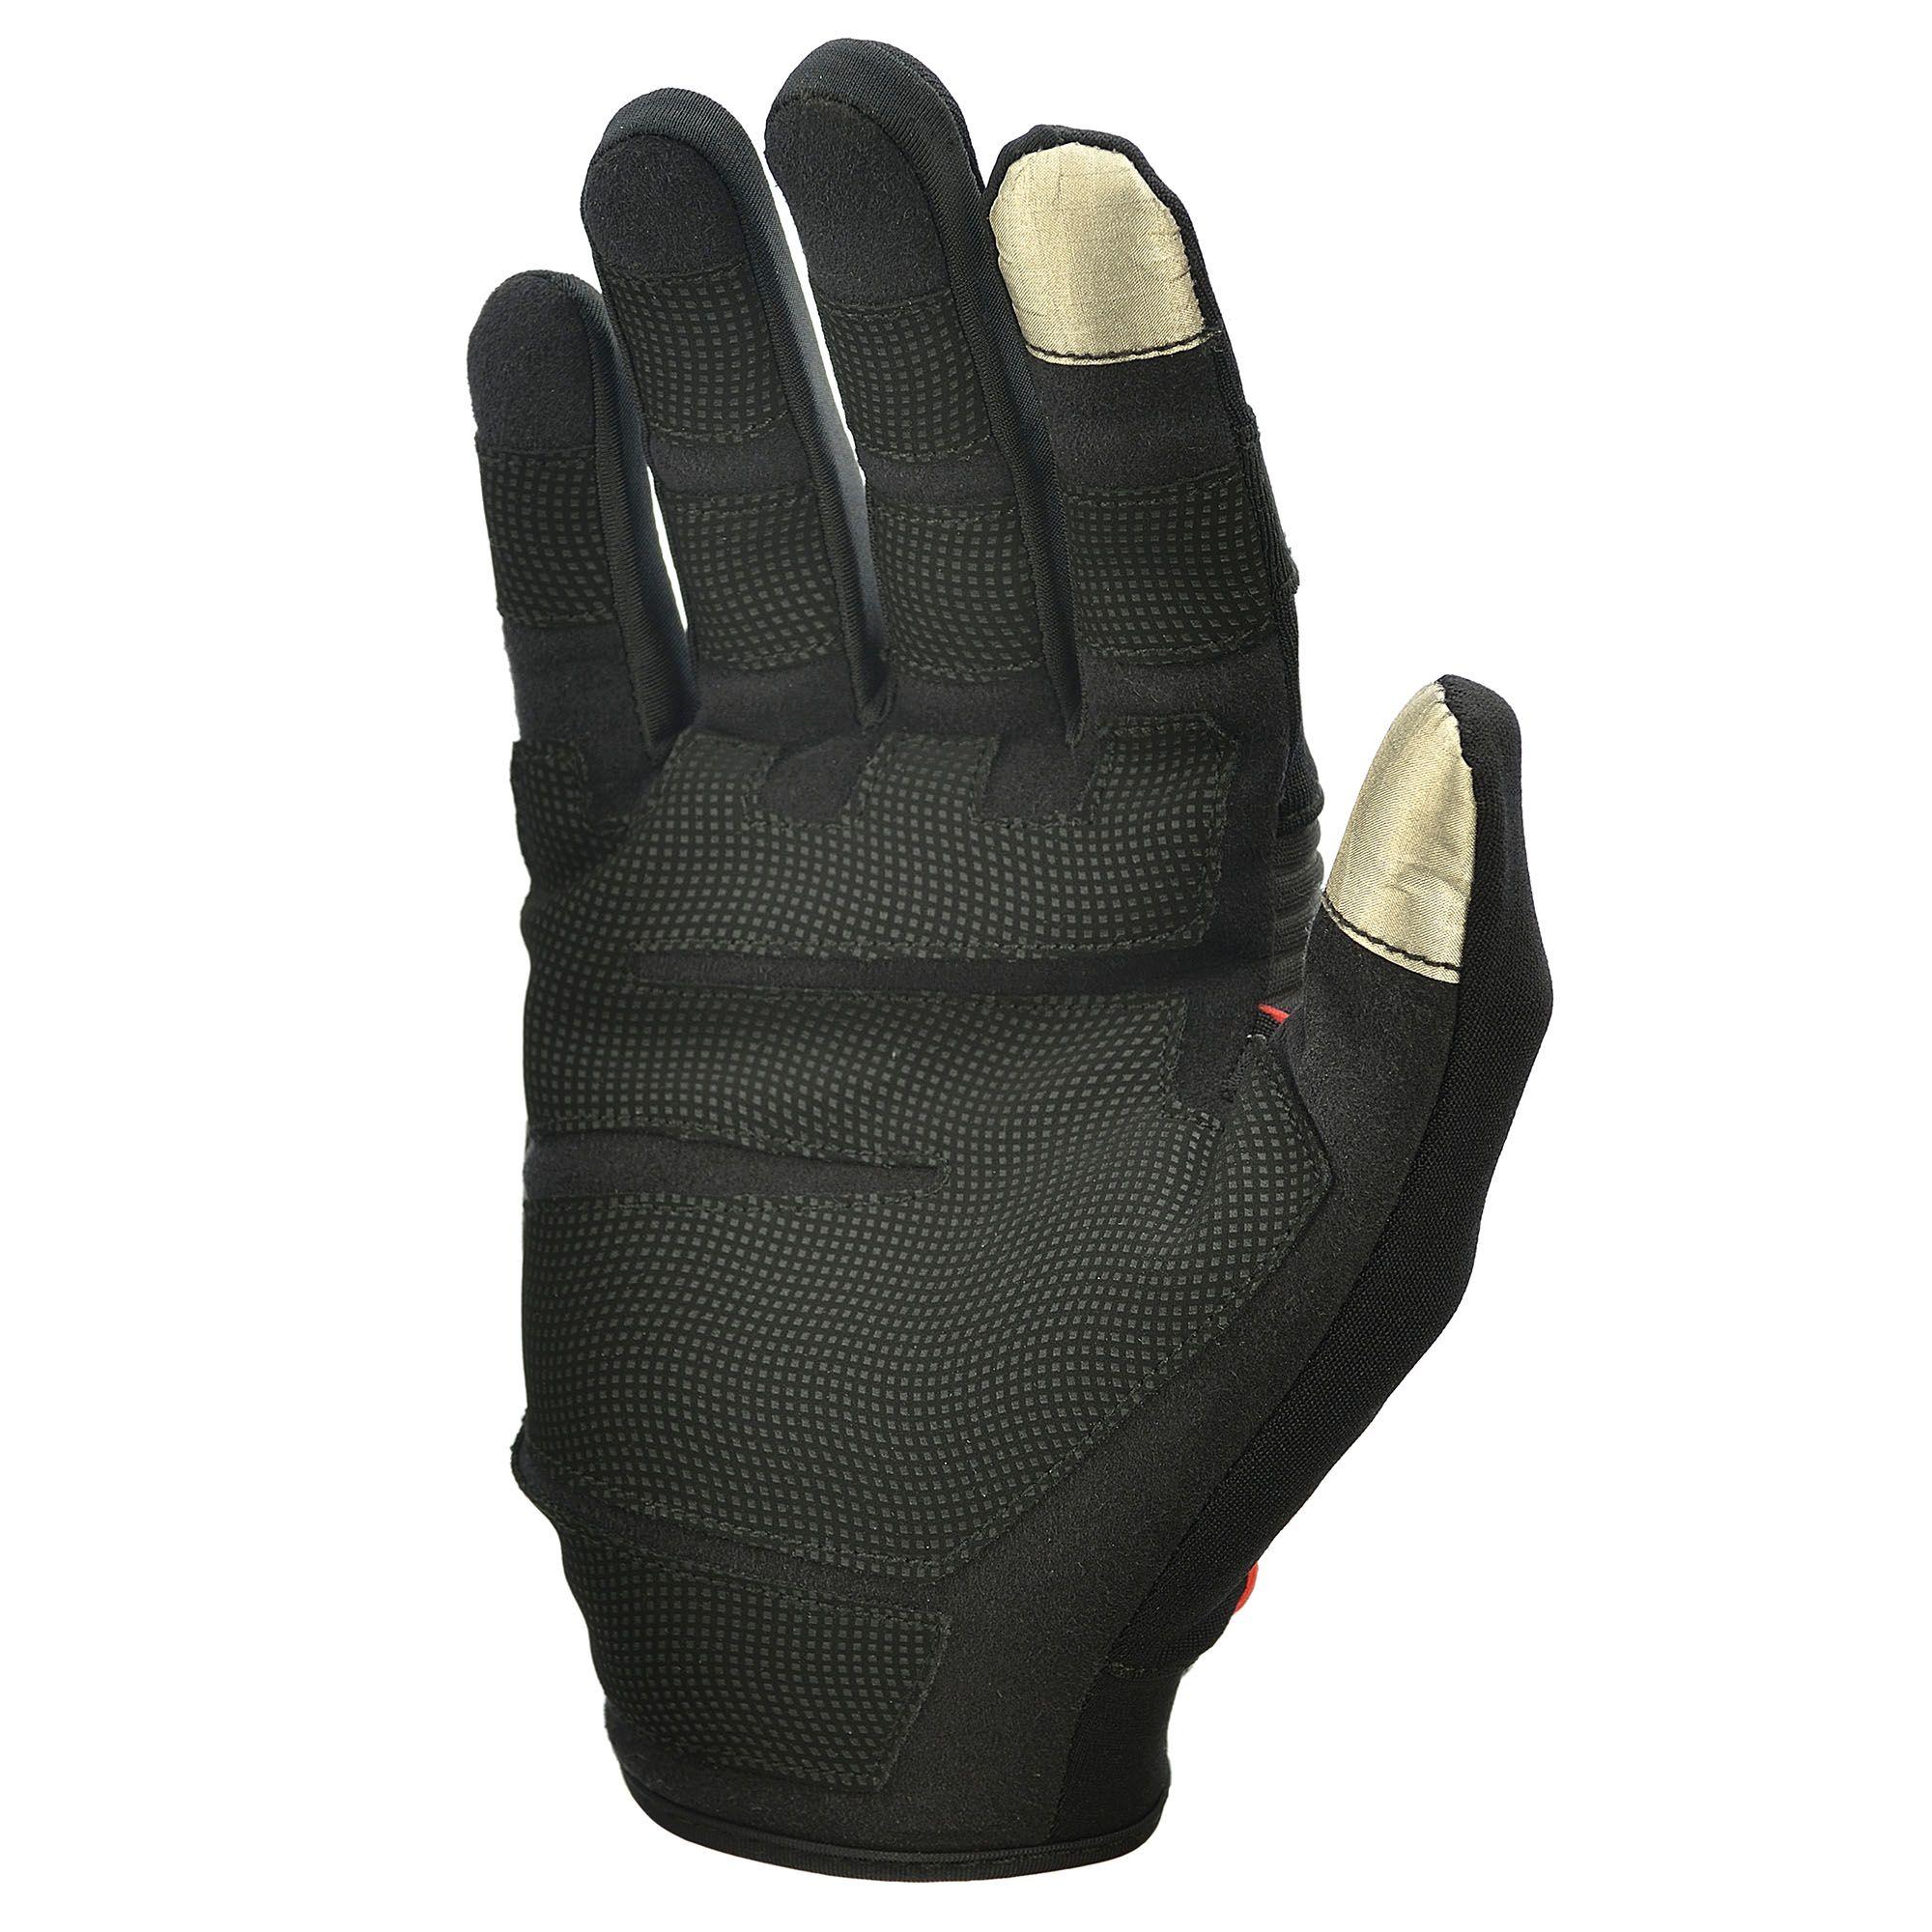 Workout Gloves Full Finger: Adidas Performance Full Finger Gloves